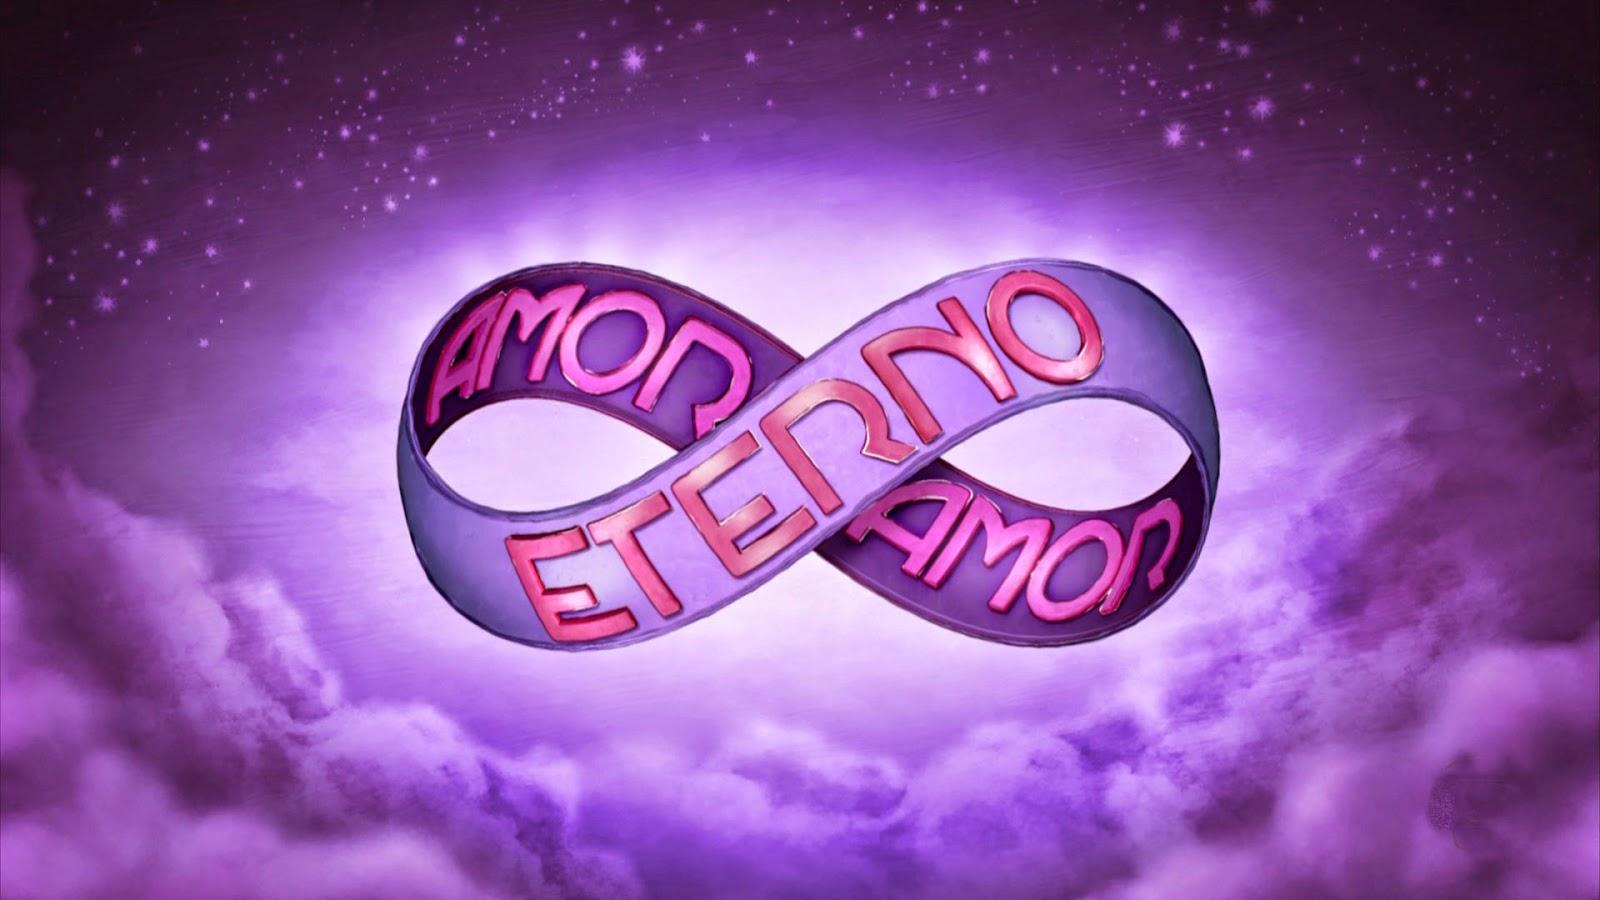 http://4.bp.blogspot.com/-VUjxxMMz5y8/T1eZE_KuW5I/AAAAAAAAAj0/9Ek19ZHo3so/s1600/amor+eterno+amor.jpg